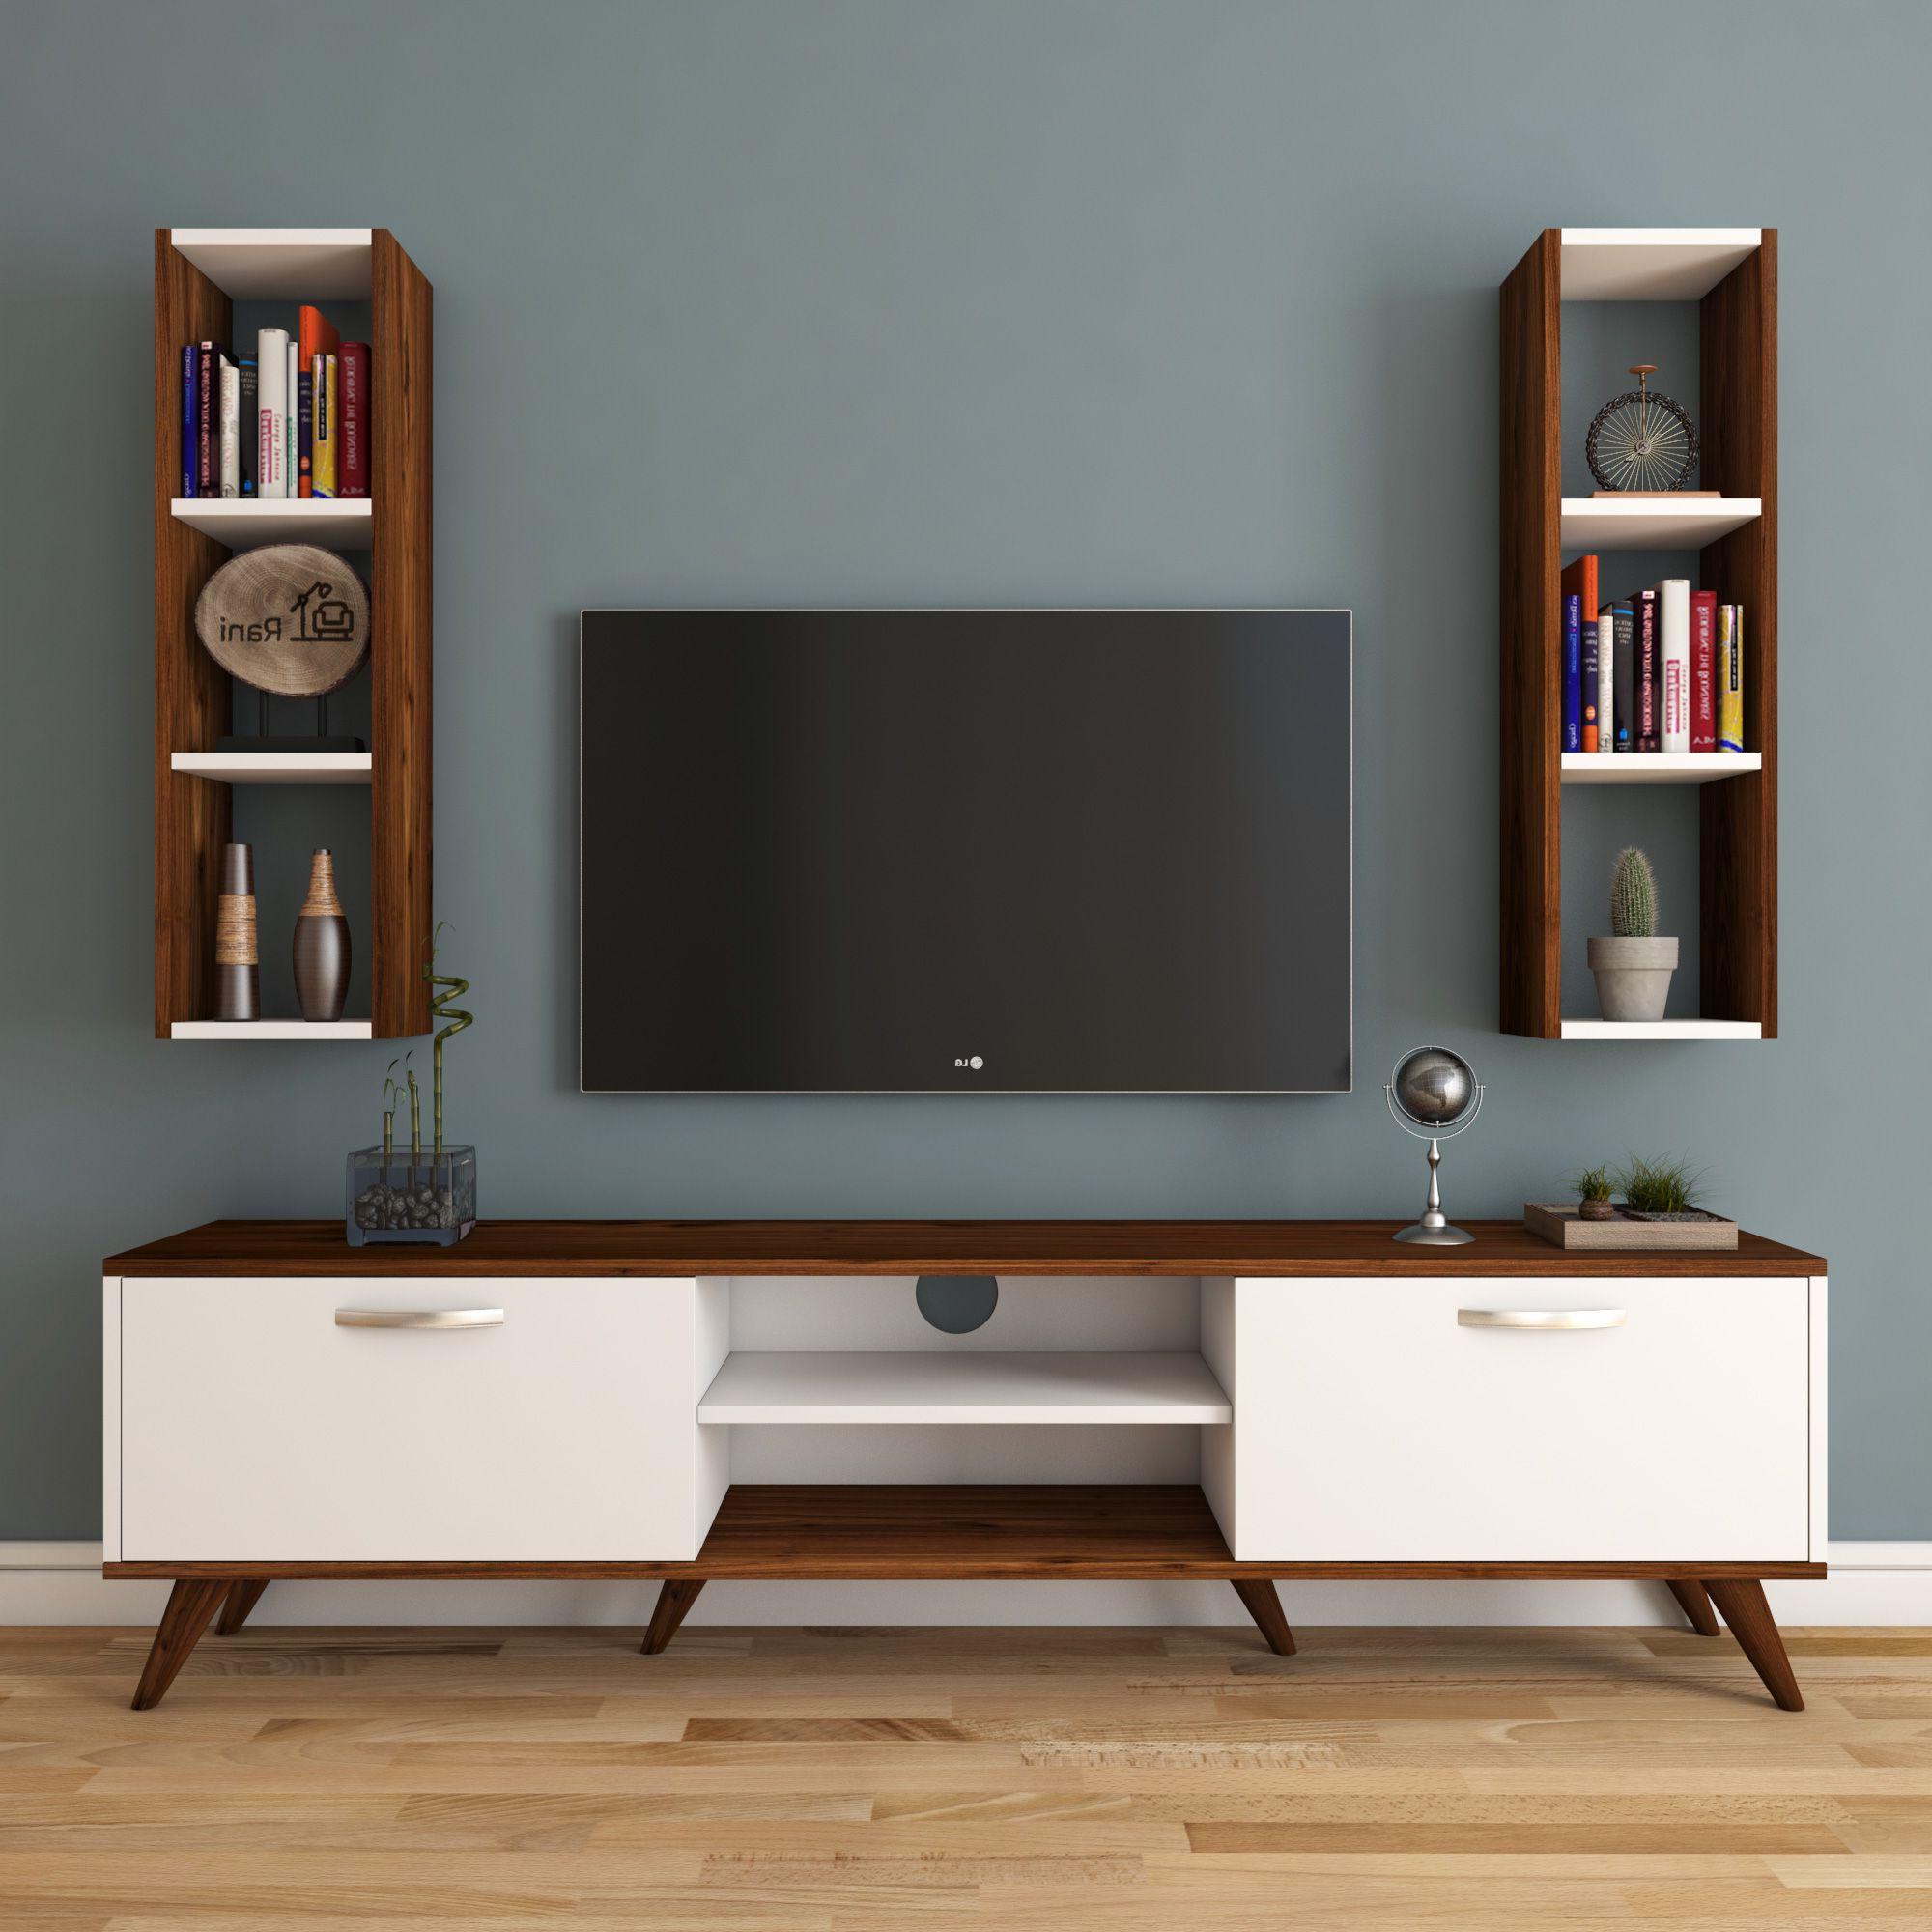 Rani A9 Duvar Raflı Duvara Monte Dolaplı Tv Ünitesi Kitaplıklı Tv In Ducar 84 Inch Tv Stands (View 13 of 20)